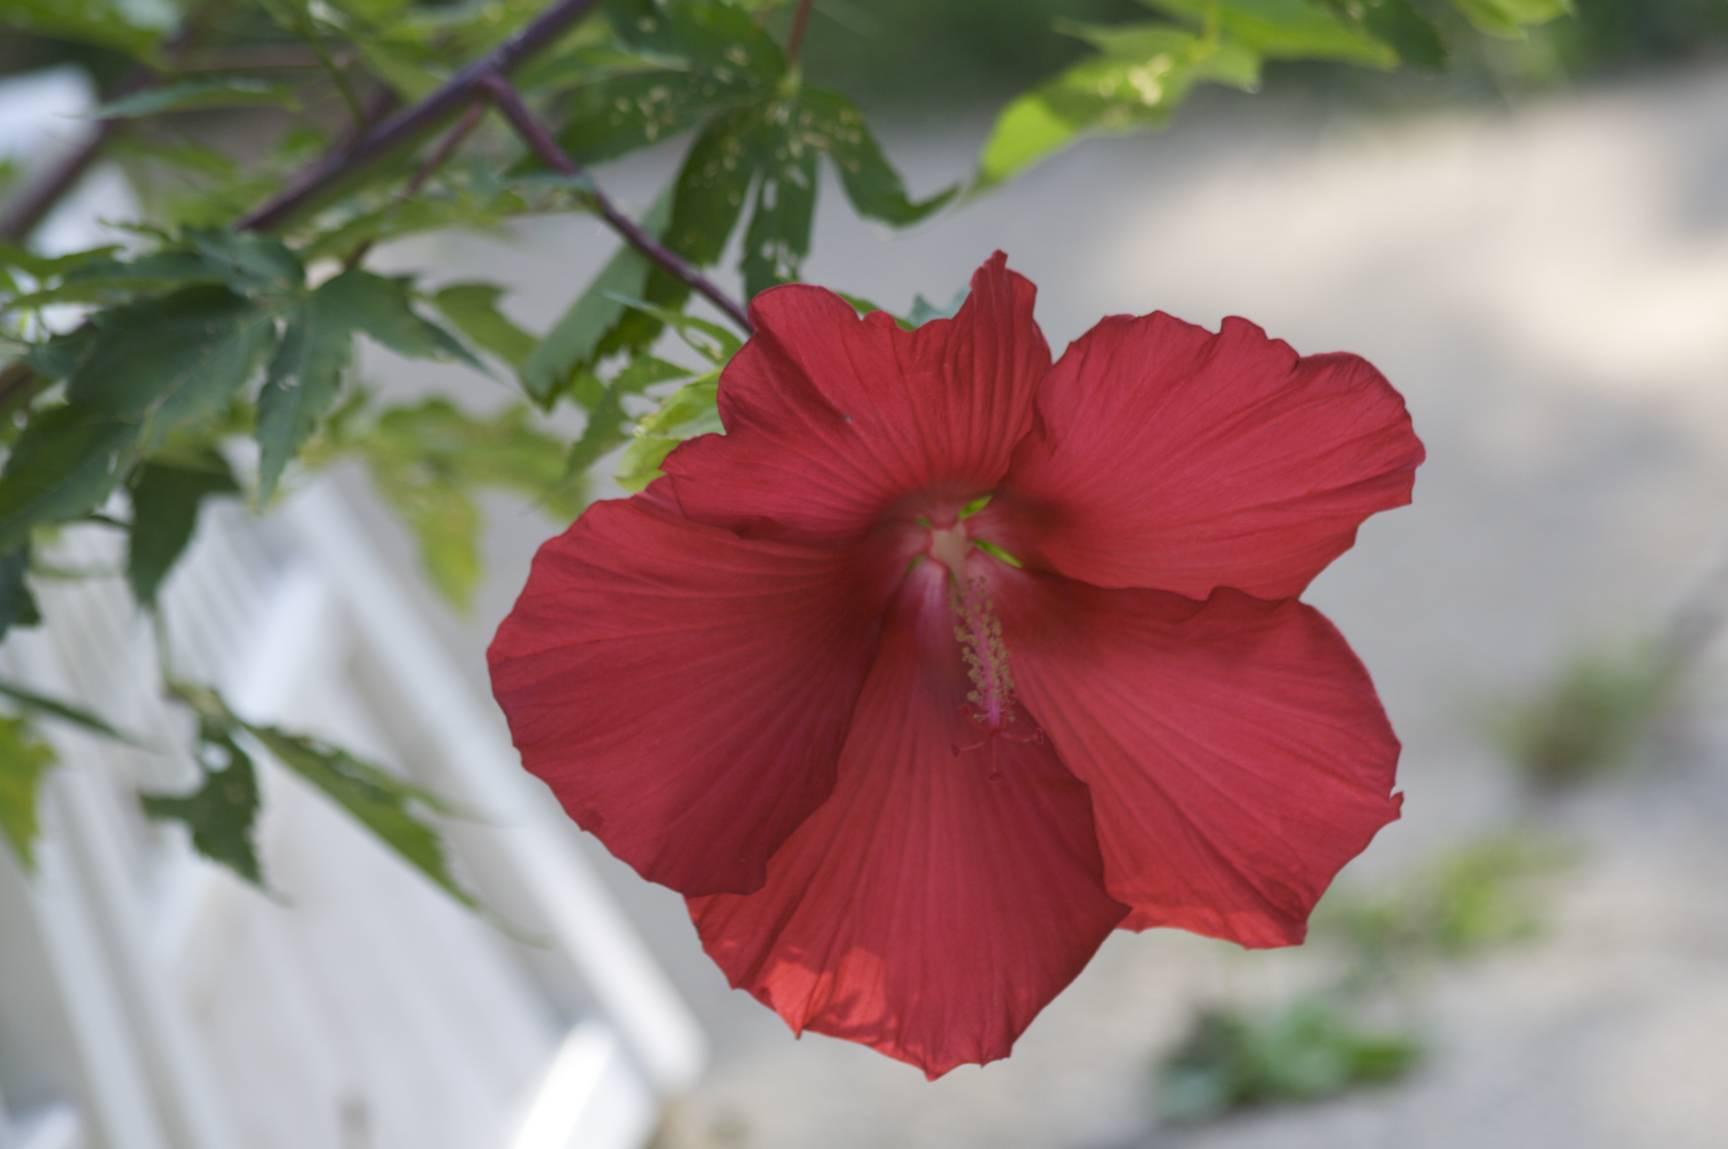 Flowers19_original.jpg